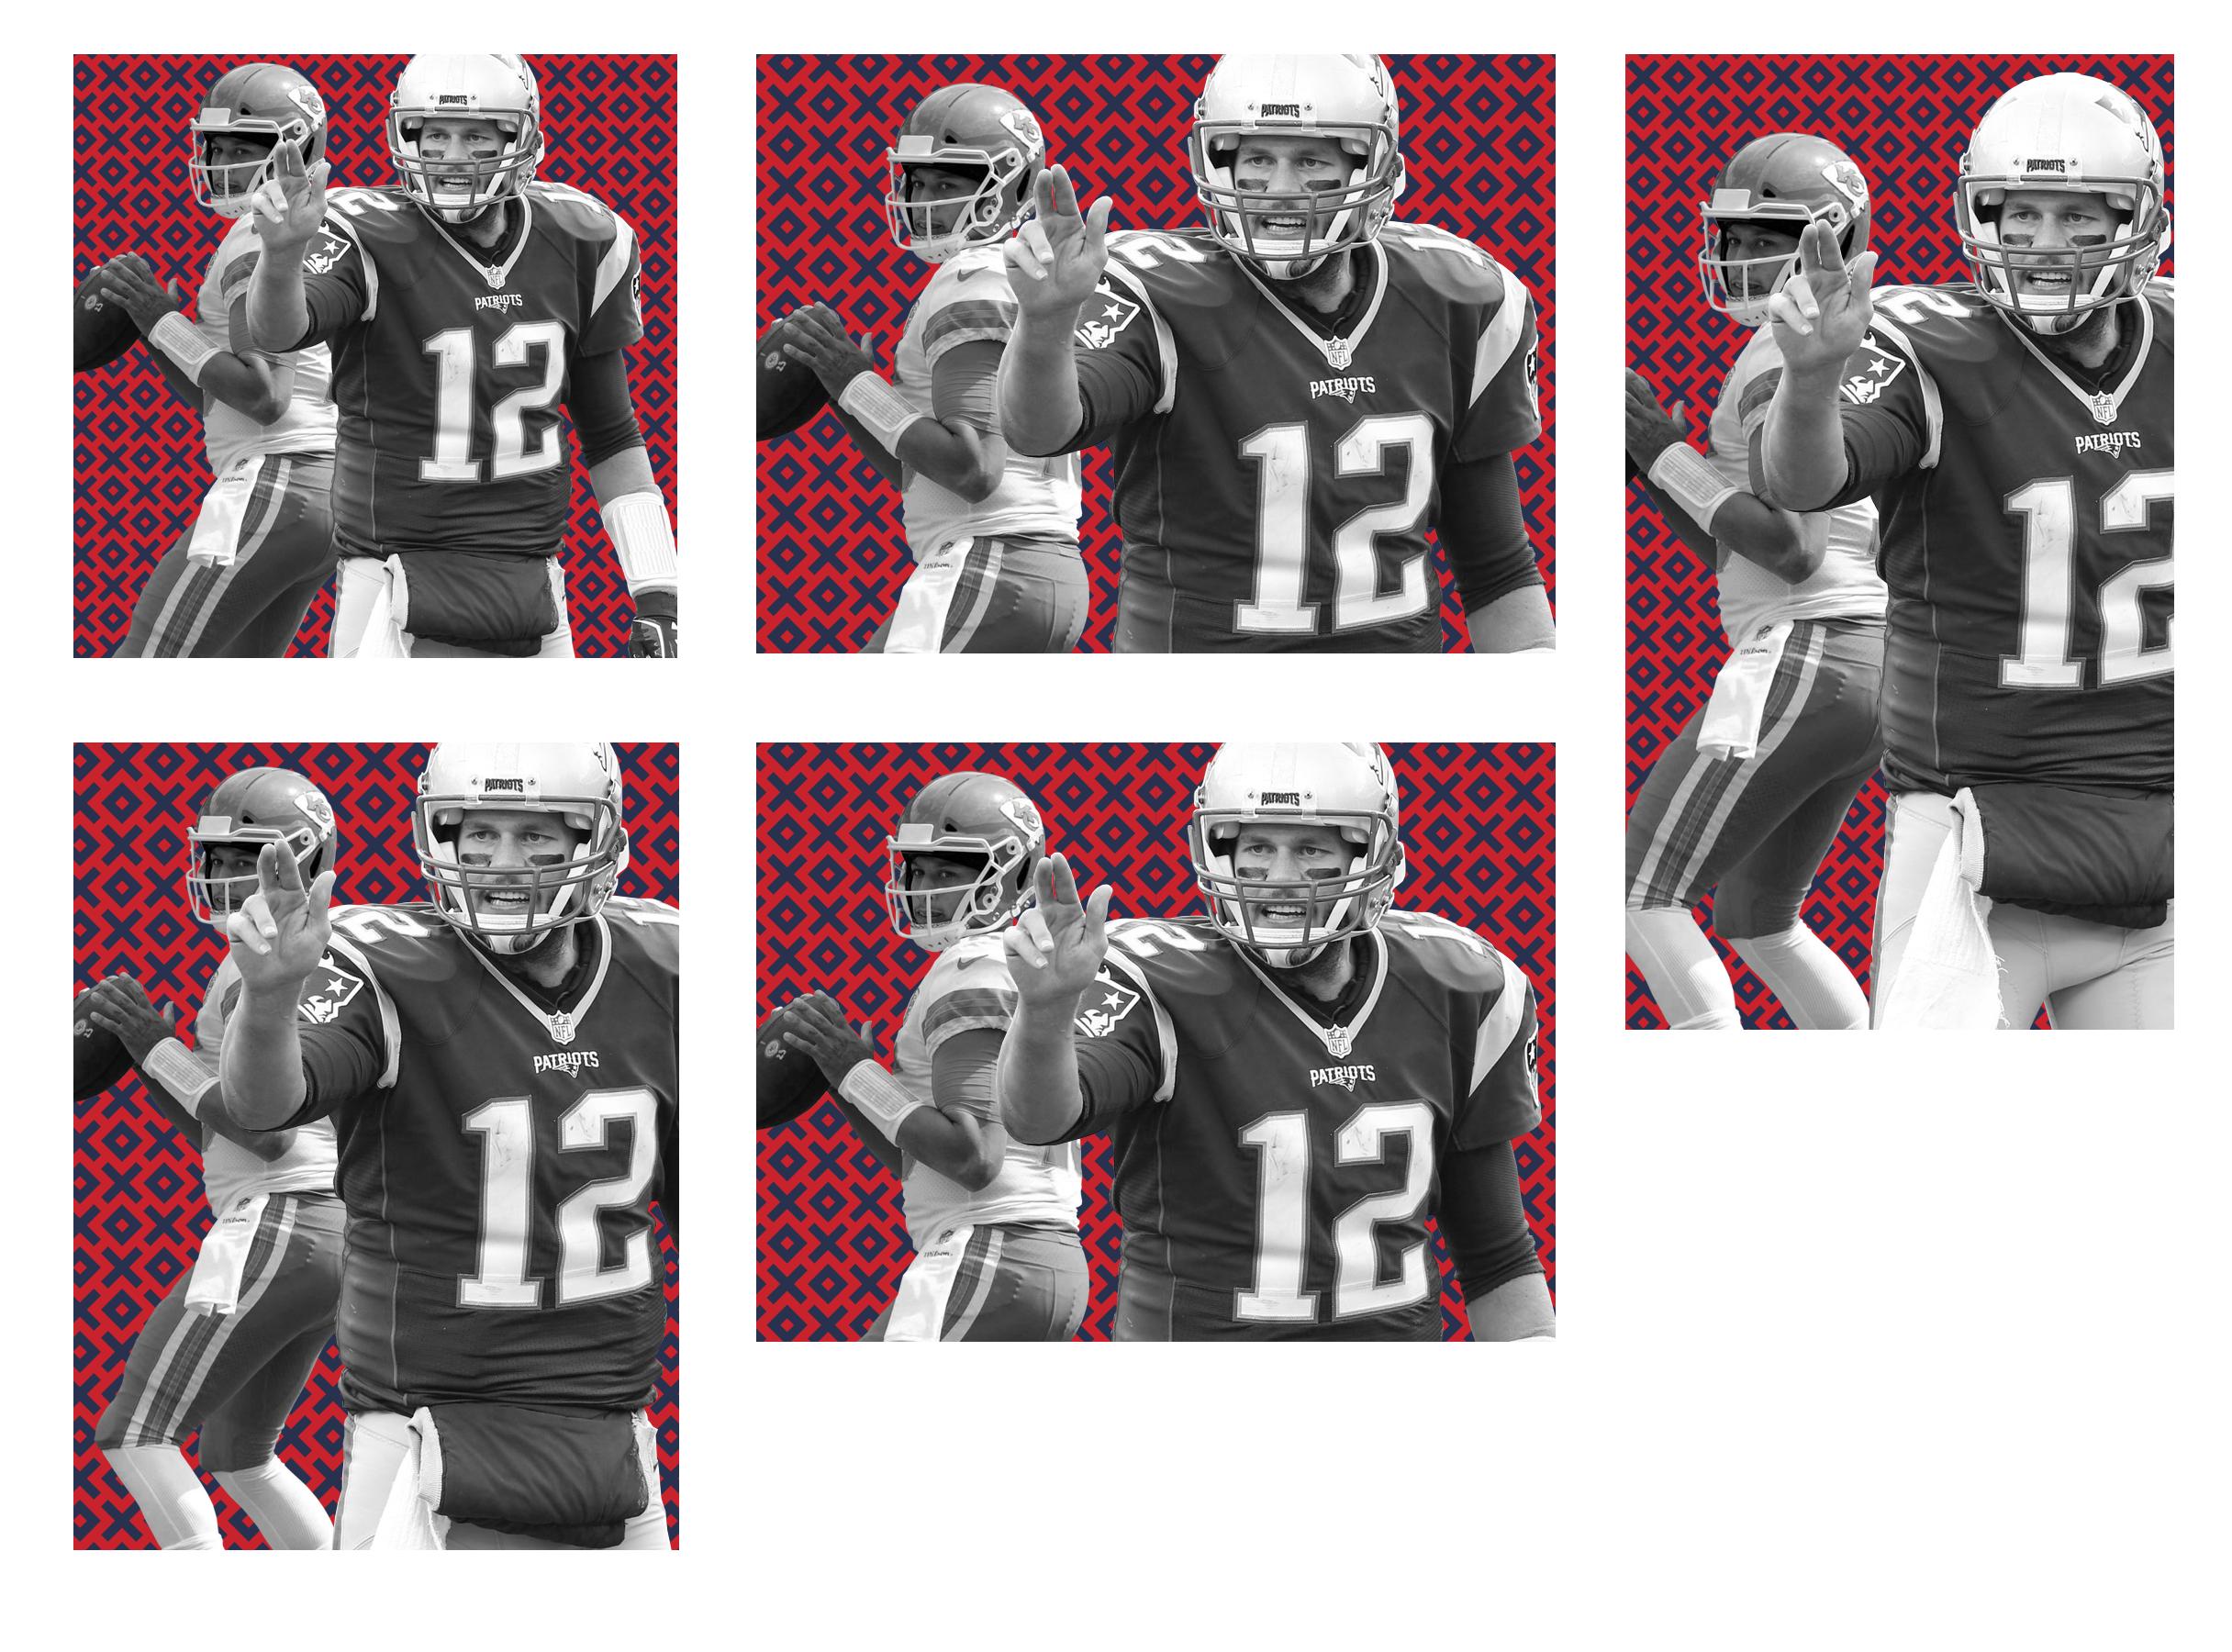 USA TODAY Sports' Week 6 NFL picks: Can Patriots, Tom Brady take down unbeaten Chiefs?